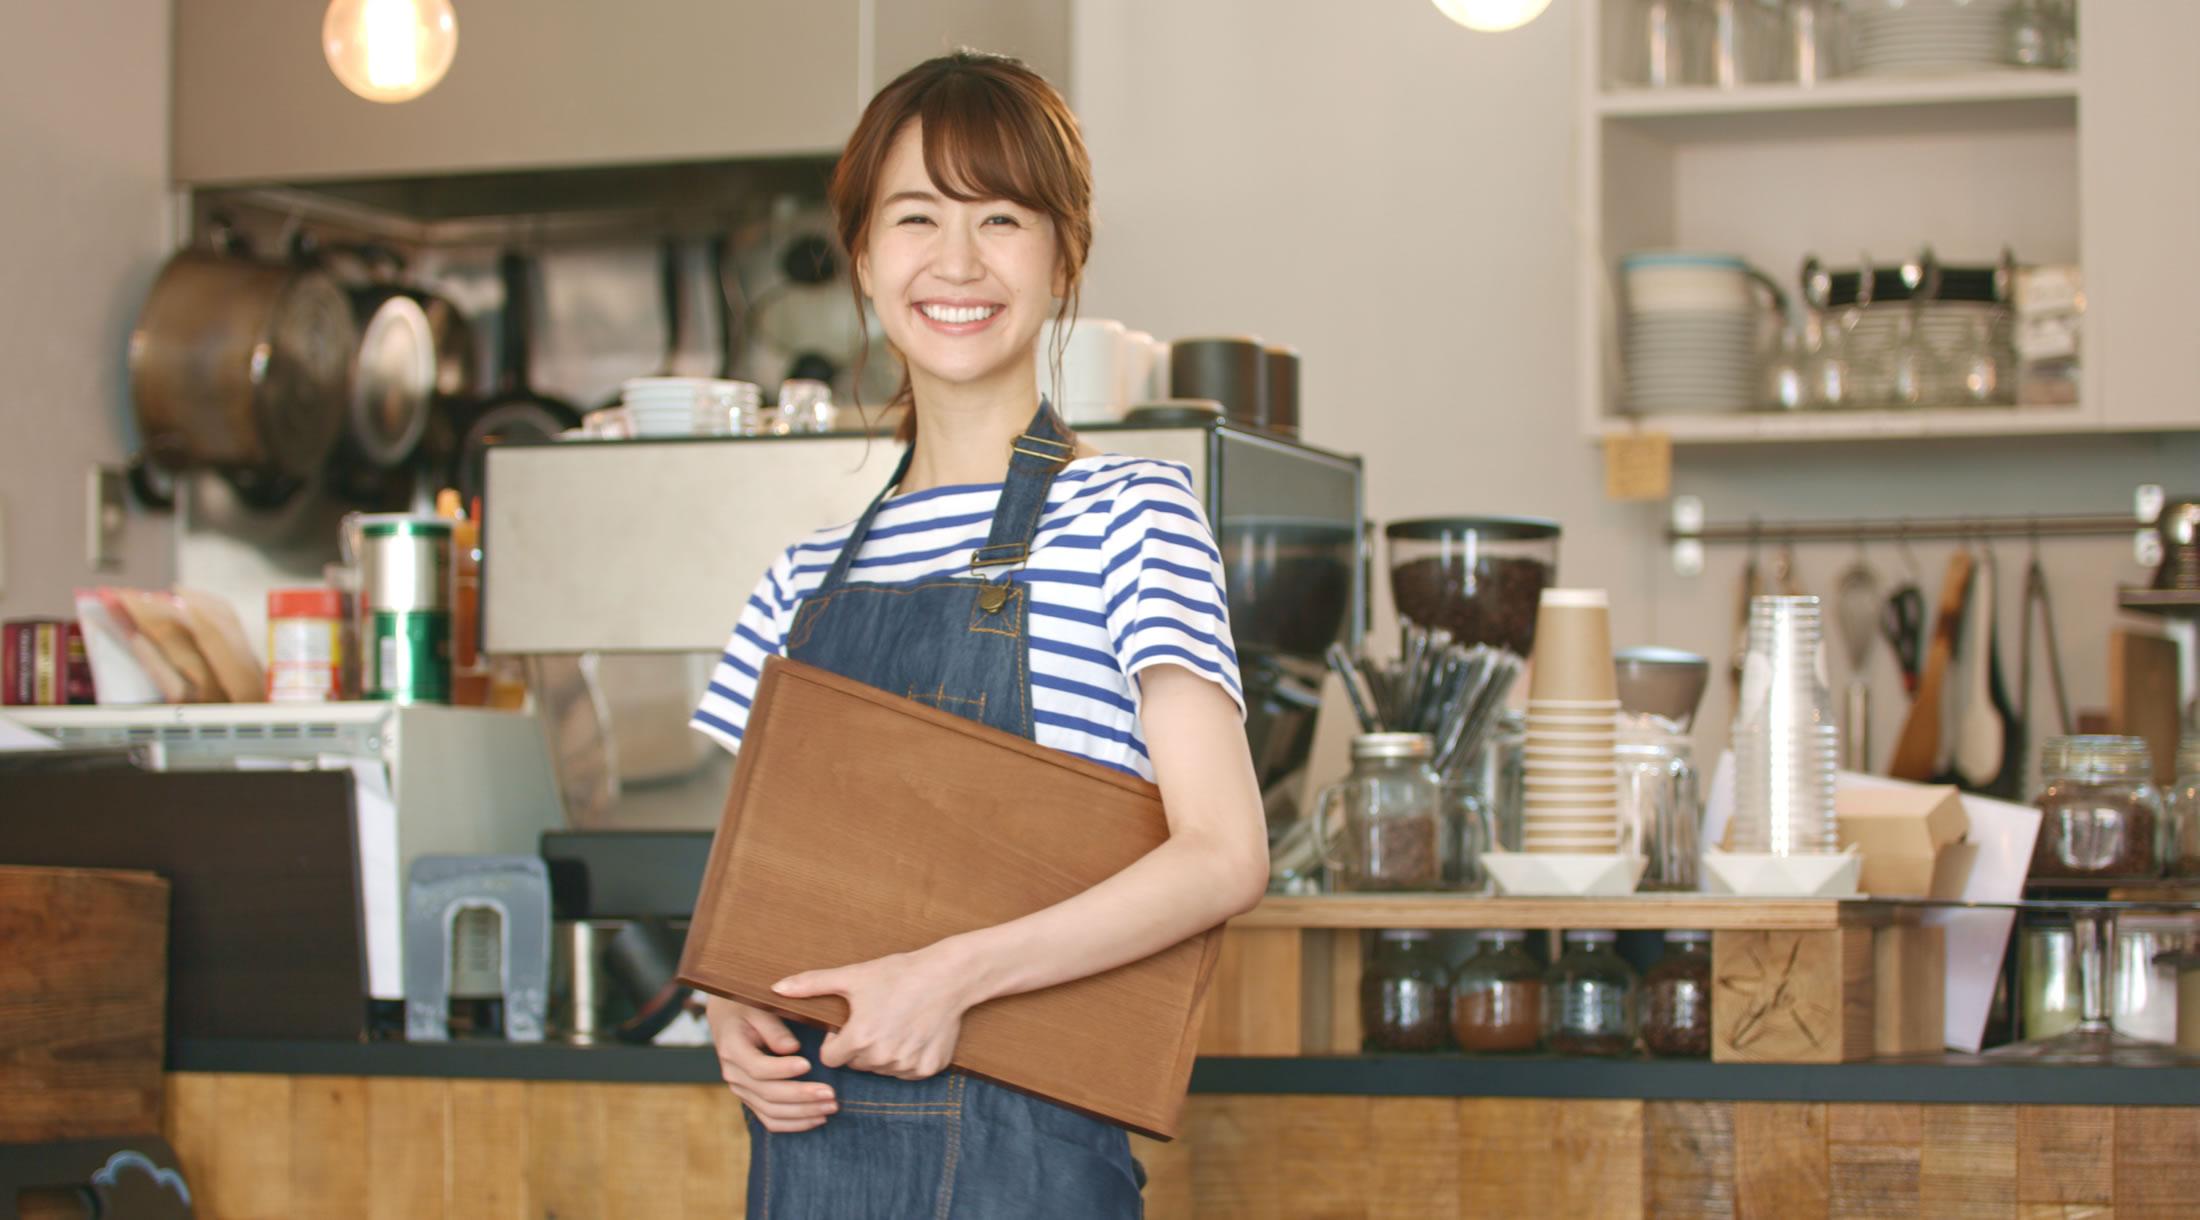 岩見沢市で出店したカフェ店主